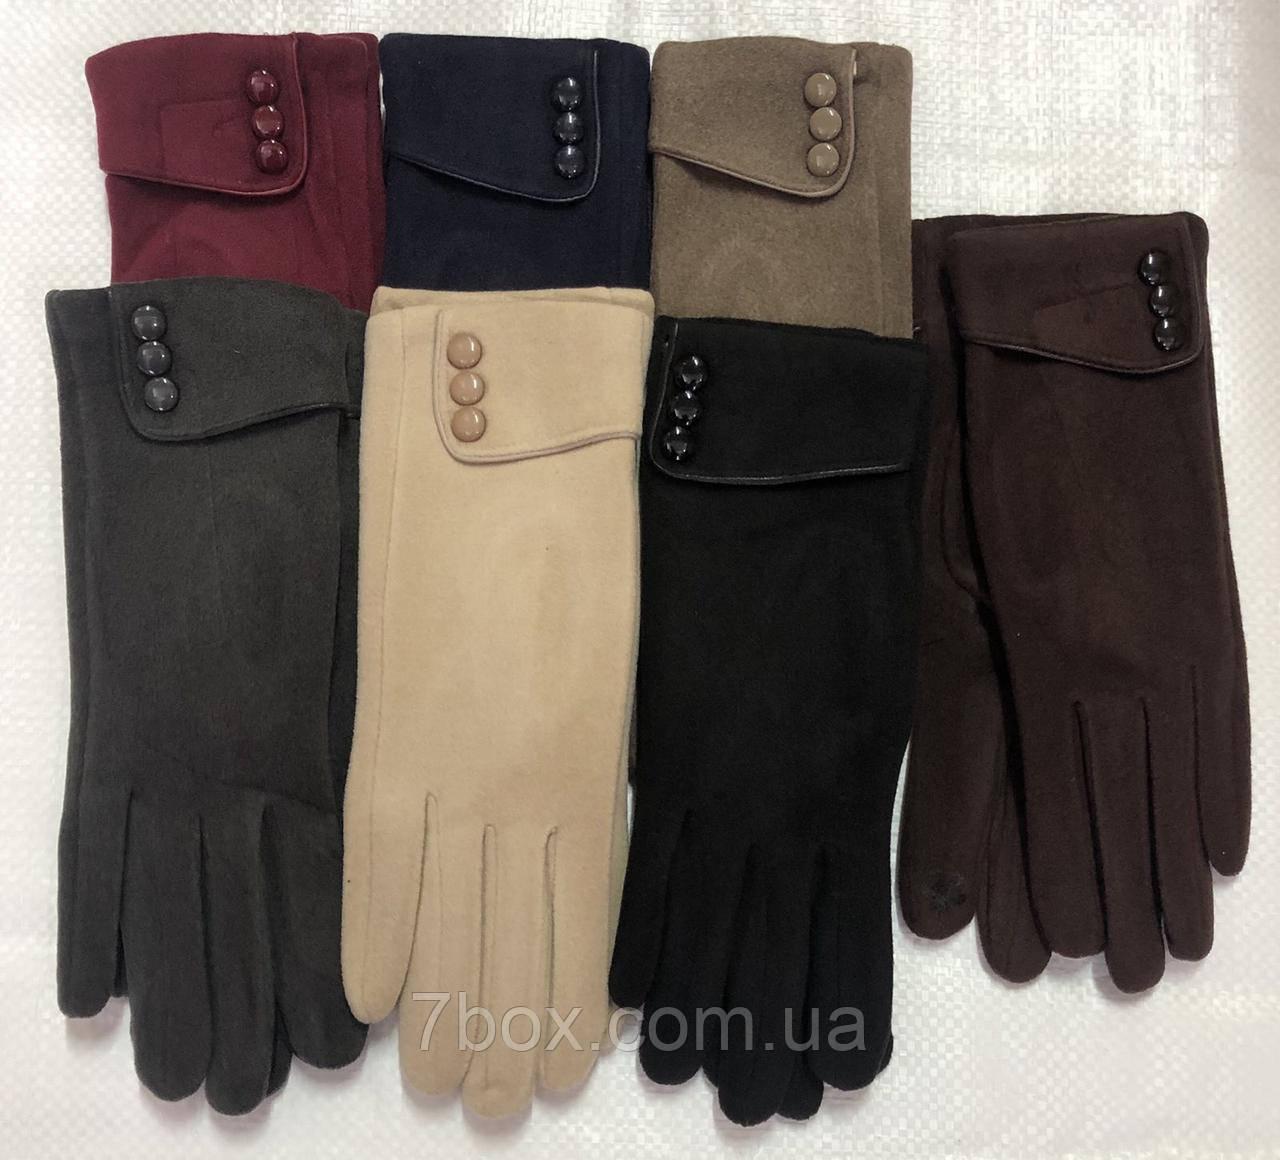 Перчатки женские с сенсором Трикотаж тонкий начес ОПТом Пуговки Китай 12 шт